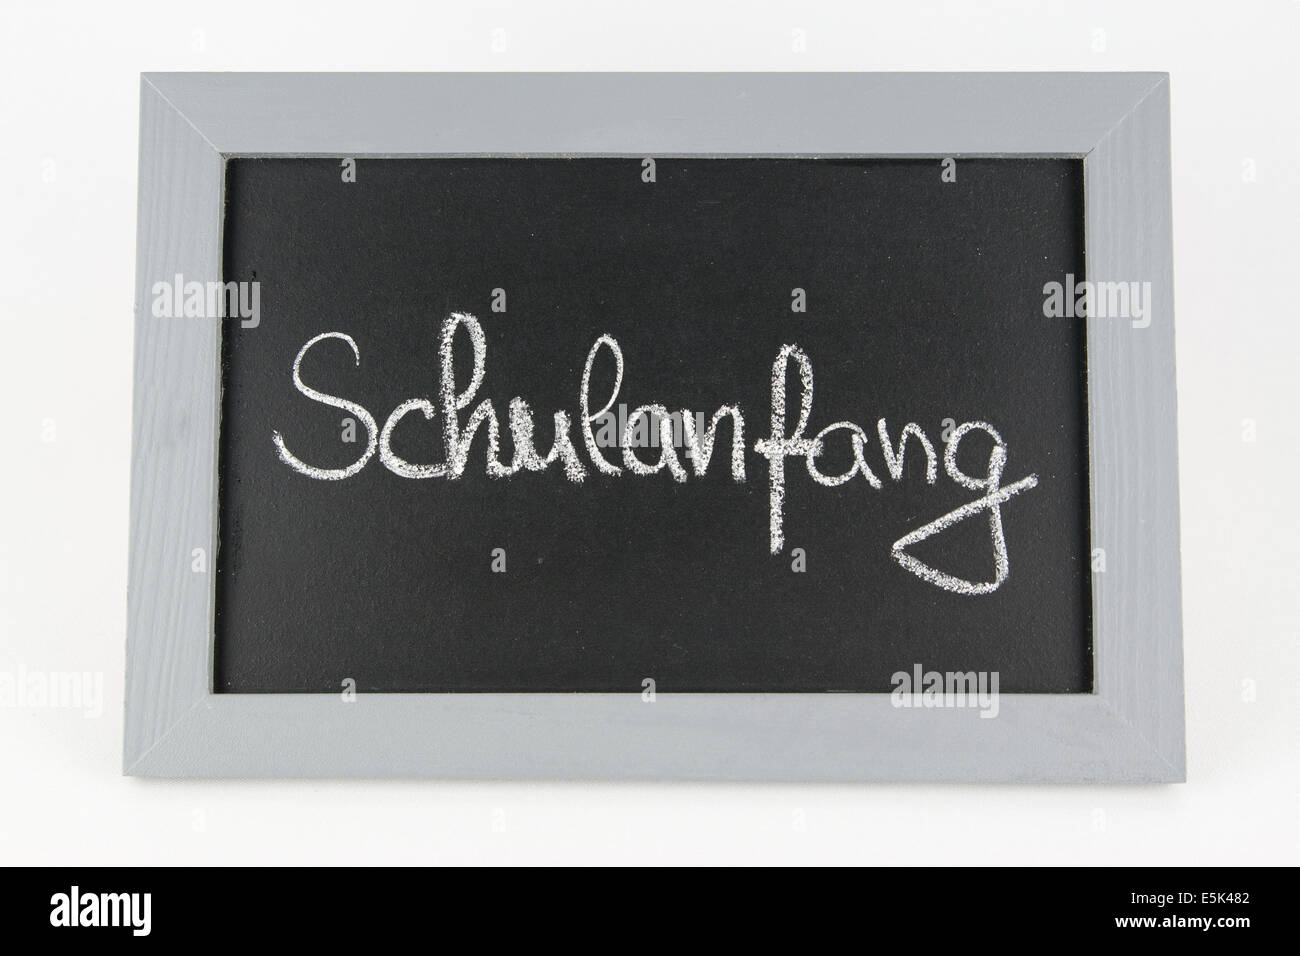 Tafel Schulanfang Ferien Urlaub Sommerpause Ferienzeit Sommerferien Kinder Mitschueler Frei Schulfrei Lernpause - Stock Image